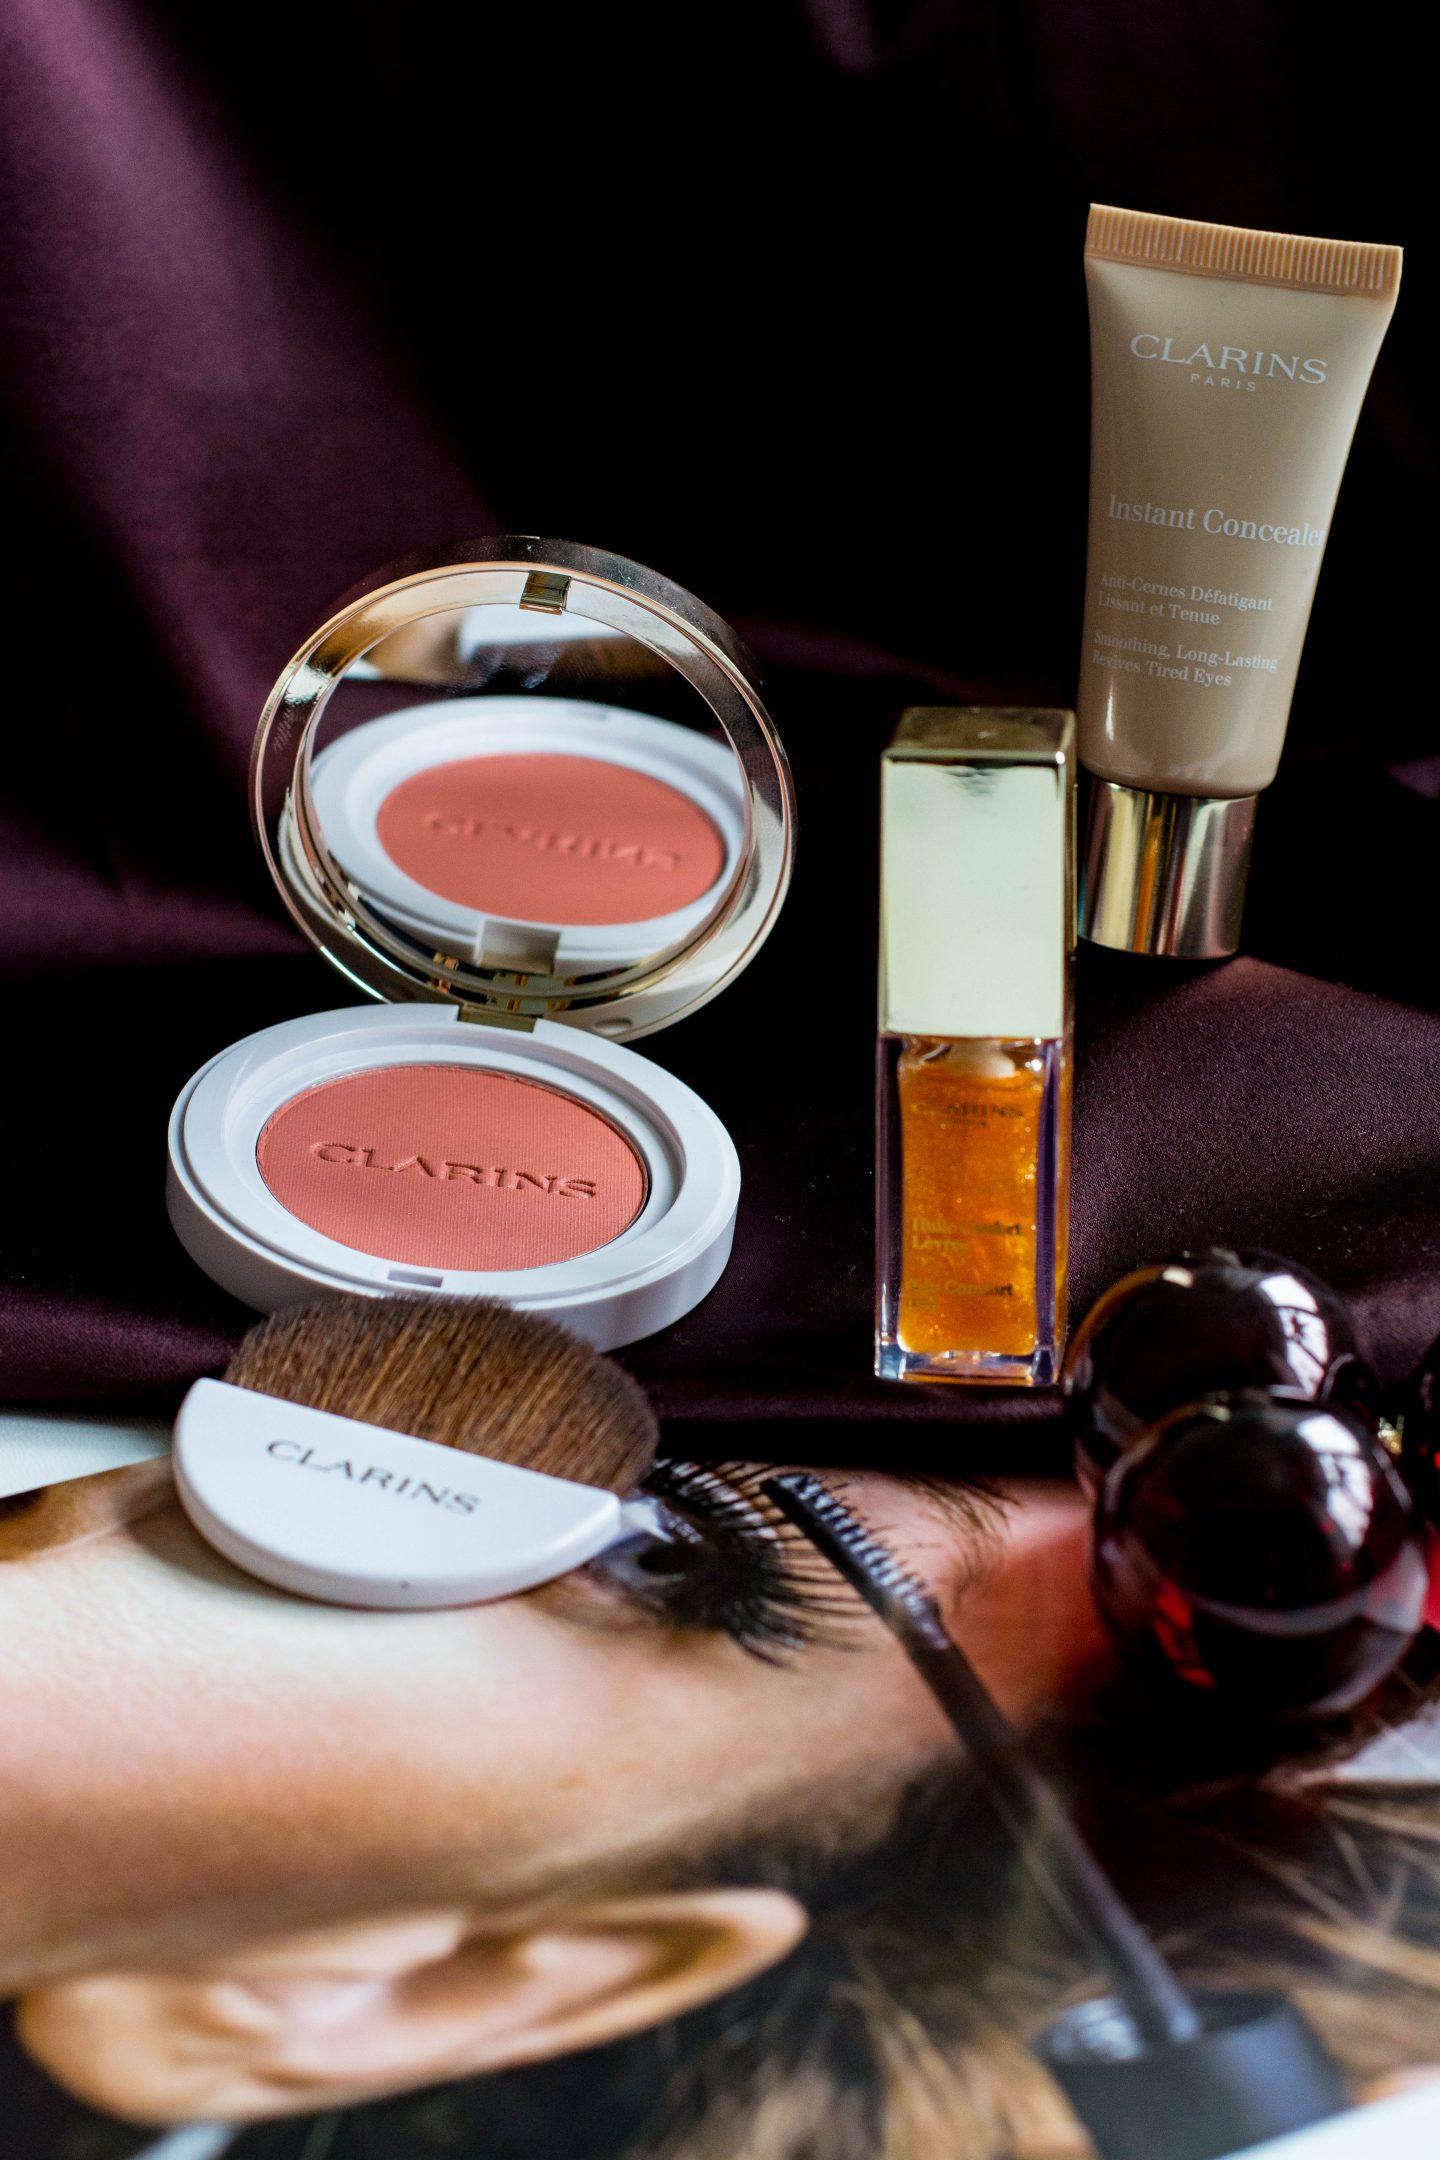 Natürliches Make-up mit Clarins, Clarins, Lippenöl, Concealer, Instant Concealer, Rouge, Blush, Satin, Xmas, shine bright